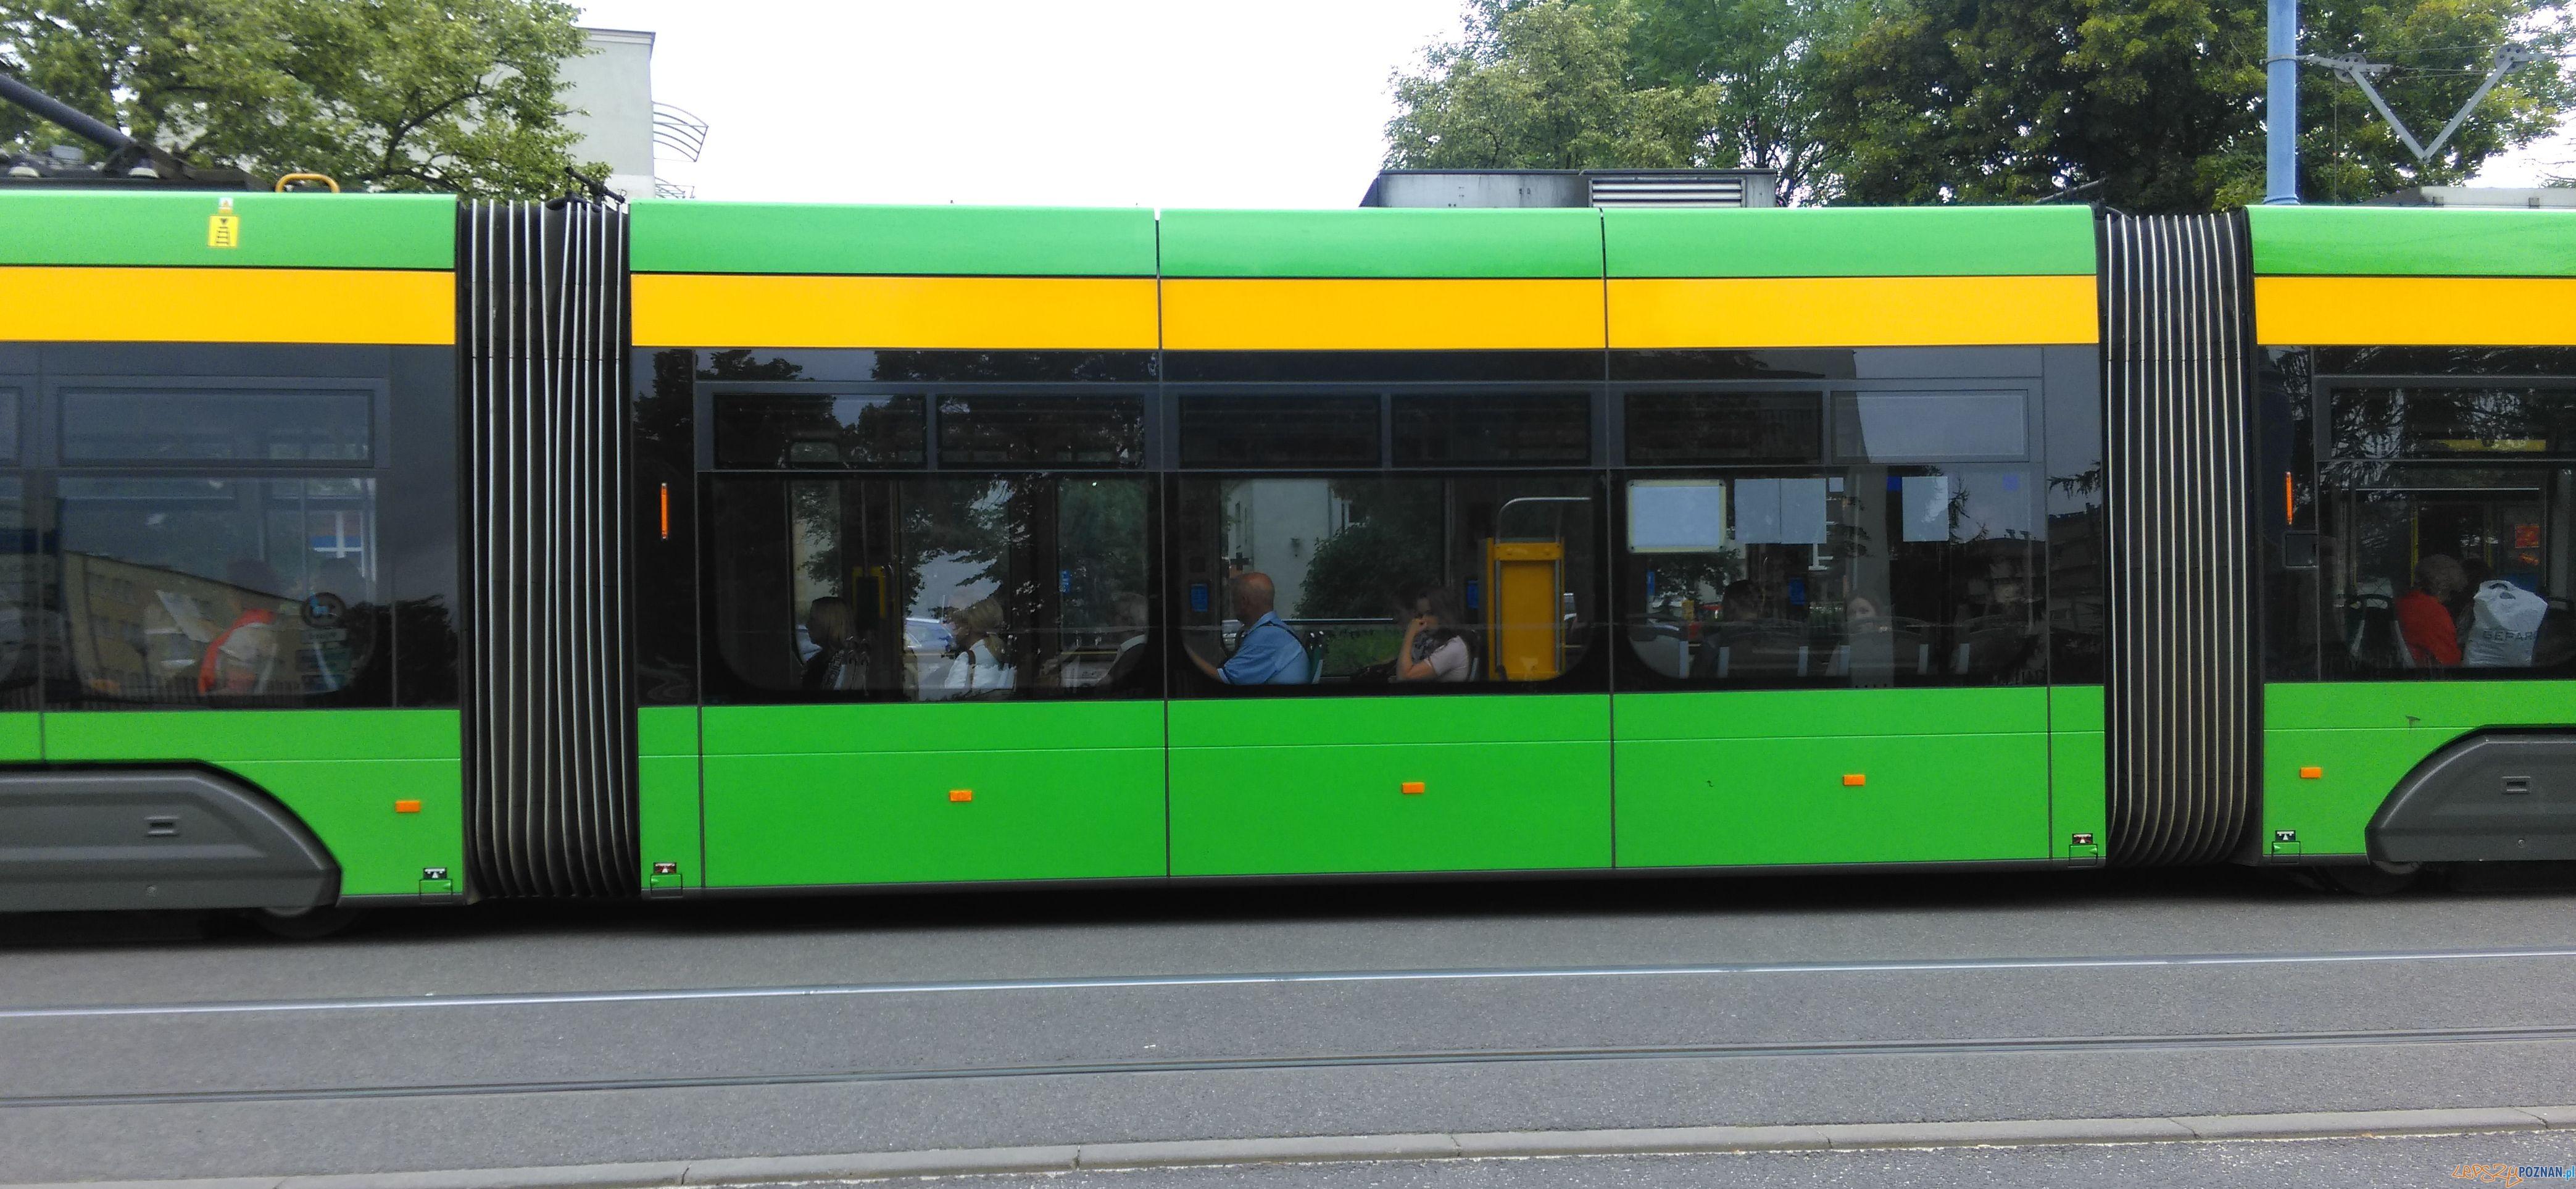 Tramwaj  Foto: lepszyPOZNAN.pl / TD